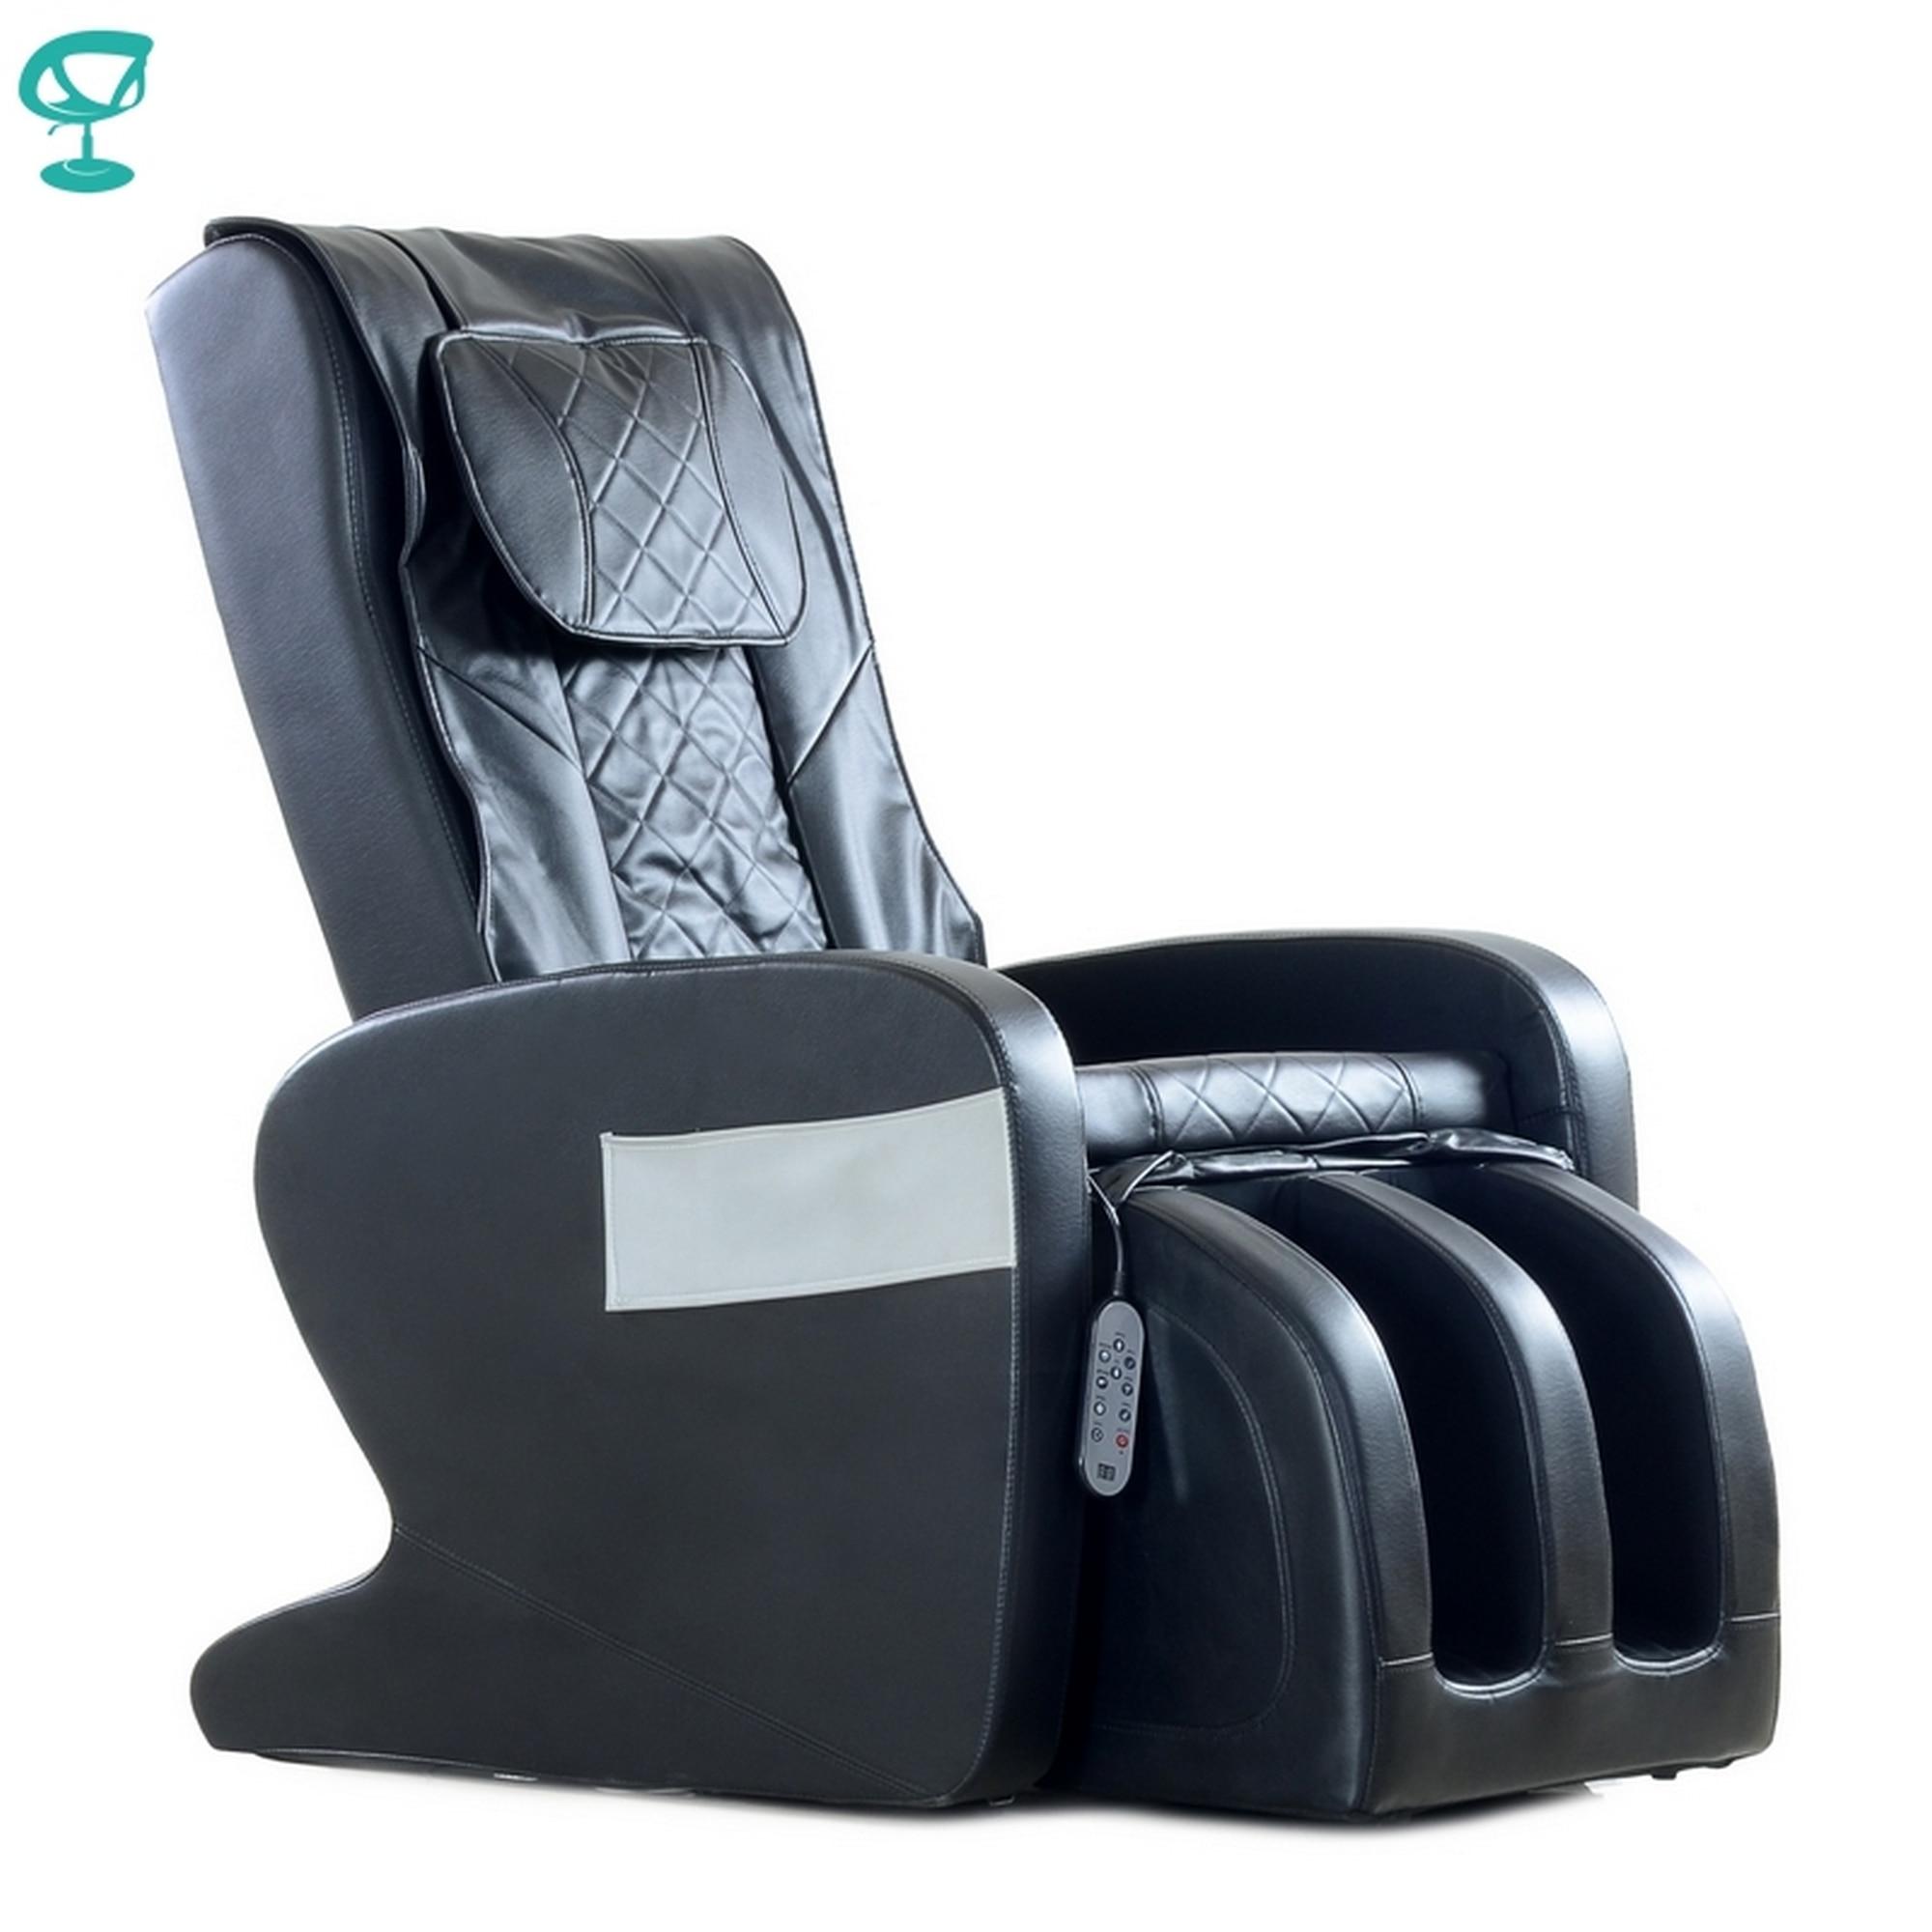 95686 Barneo Fav-S1 كرسي تدليك أسود ايكو الجلود كرسي تدليك كرسي مع كرسي التدليك شحن مجاني لروسيا